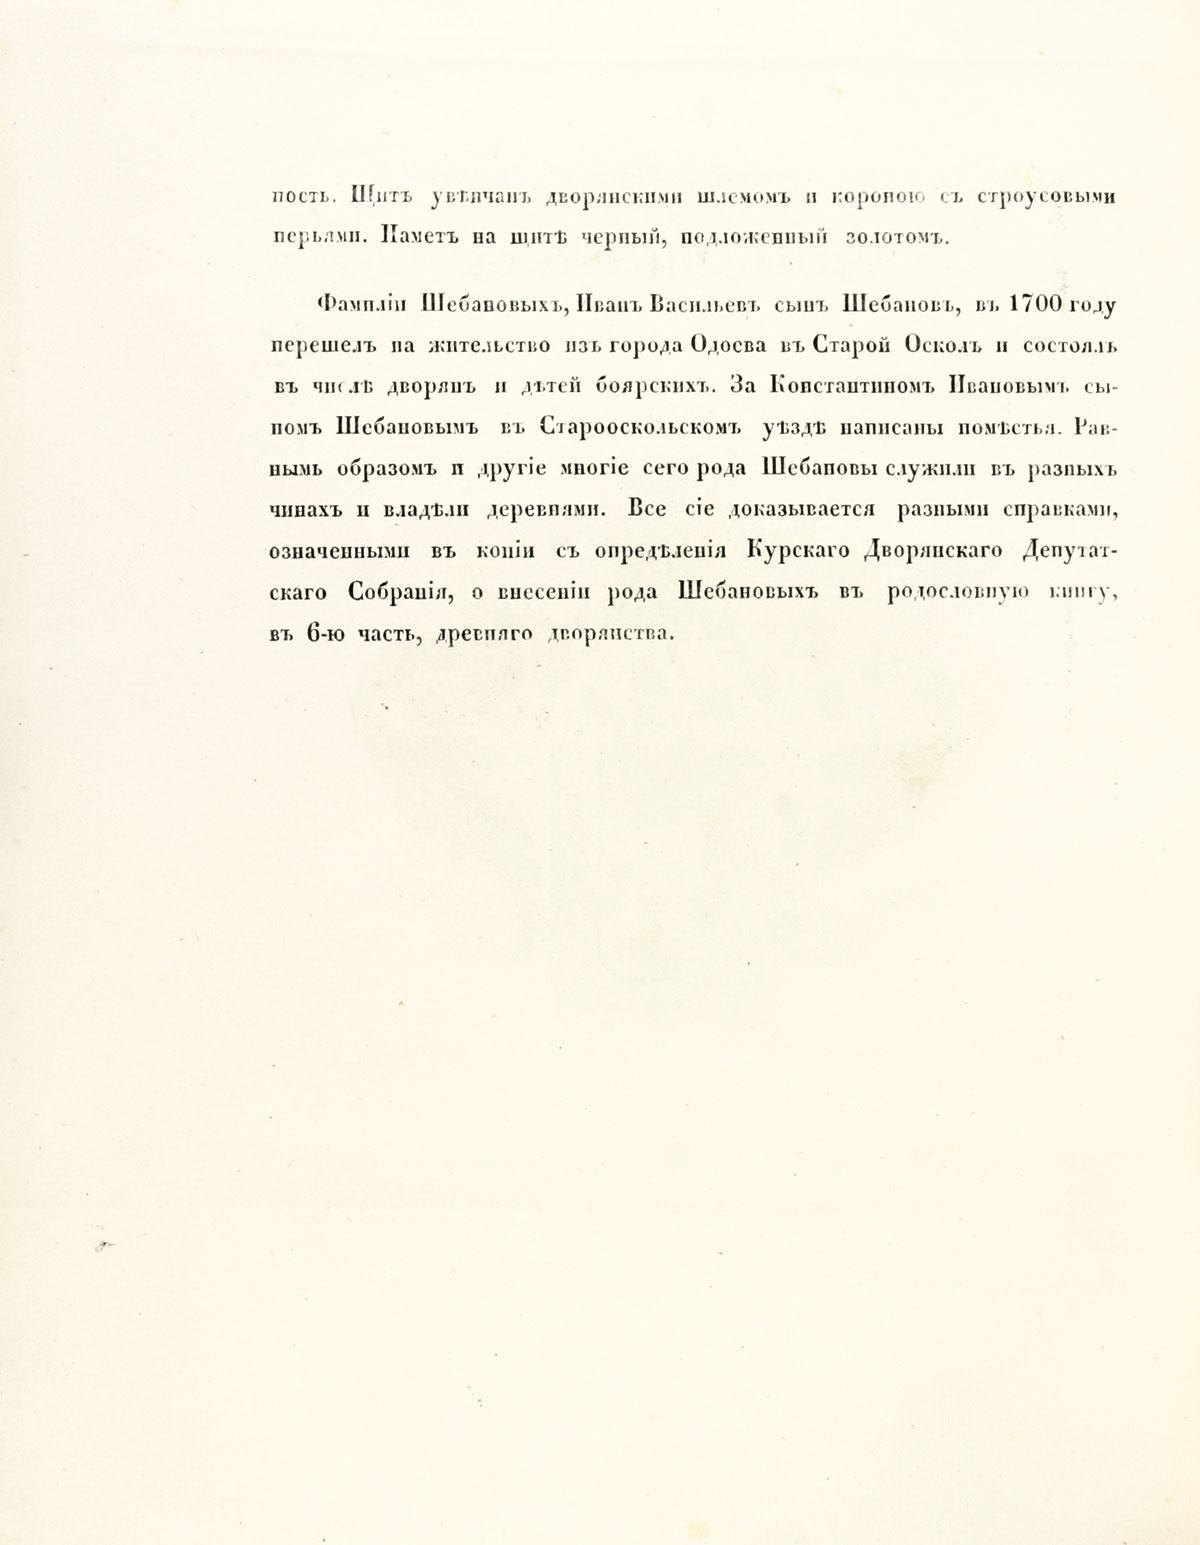 Герб рода Шебановых, стр. 2